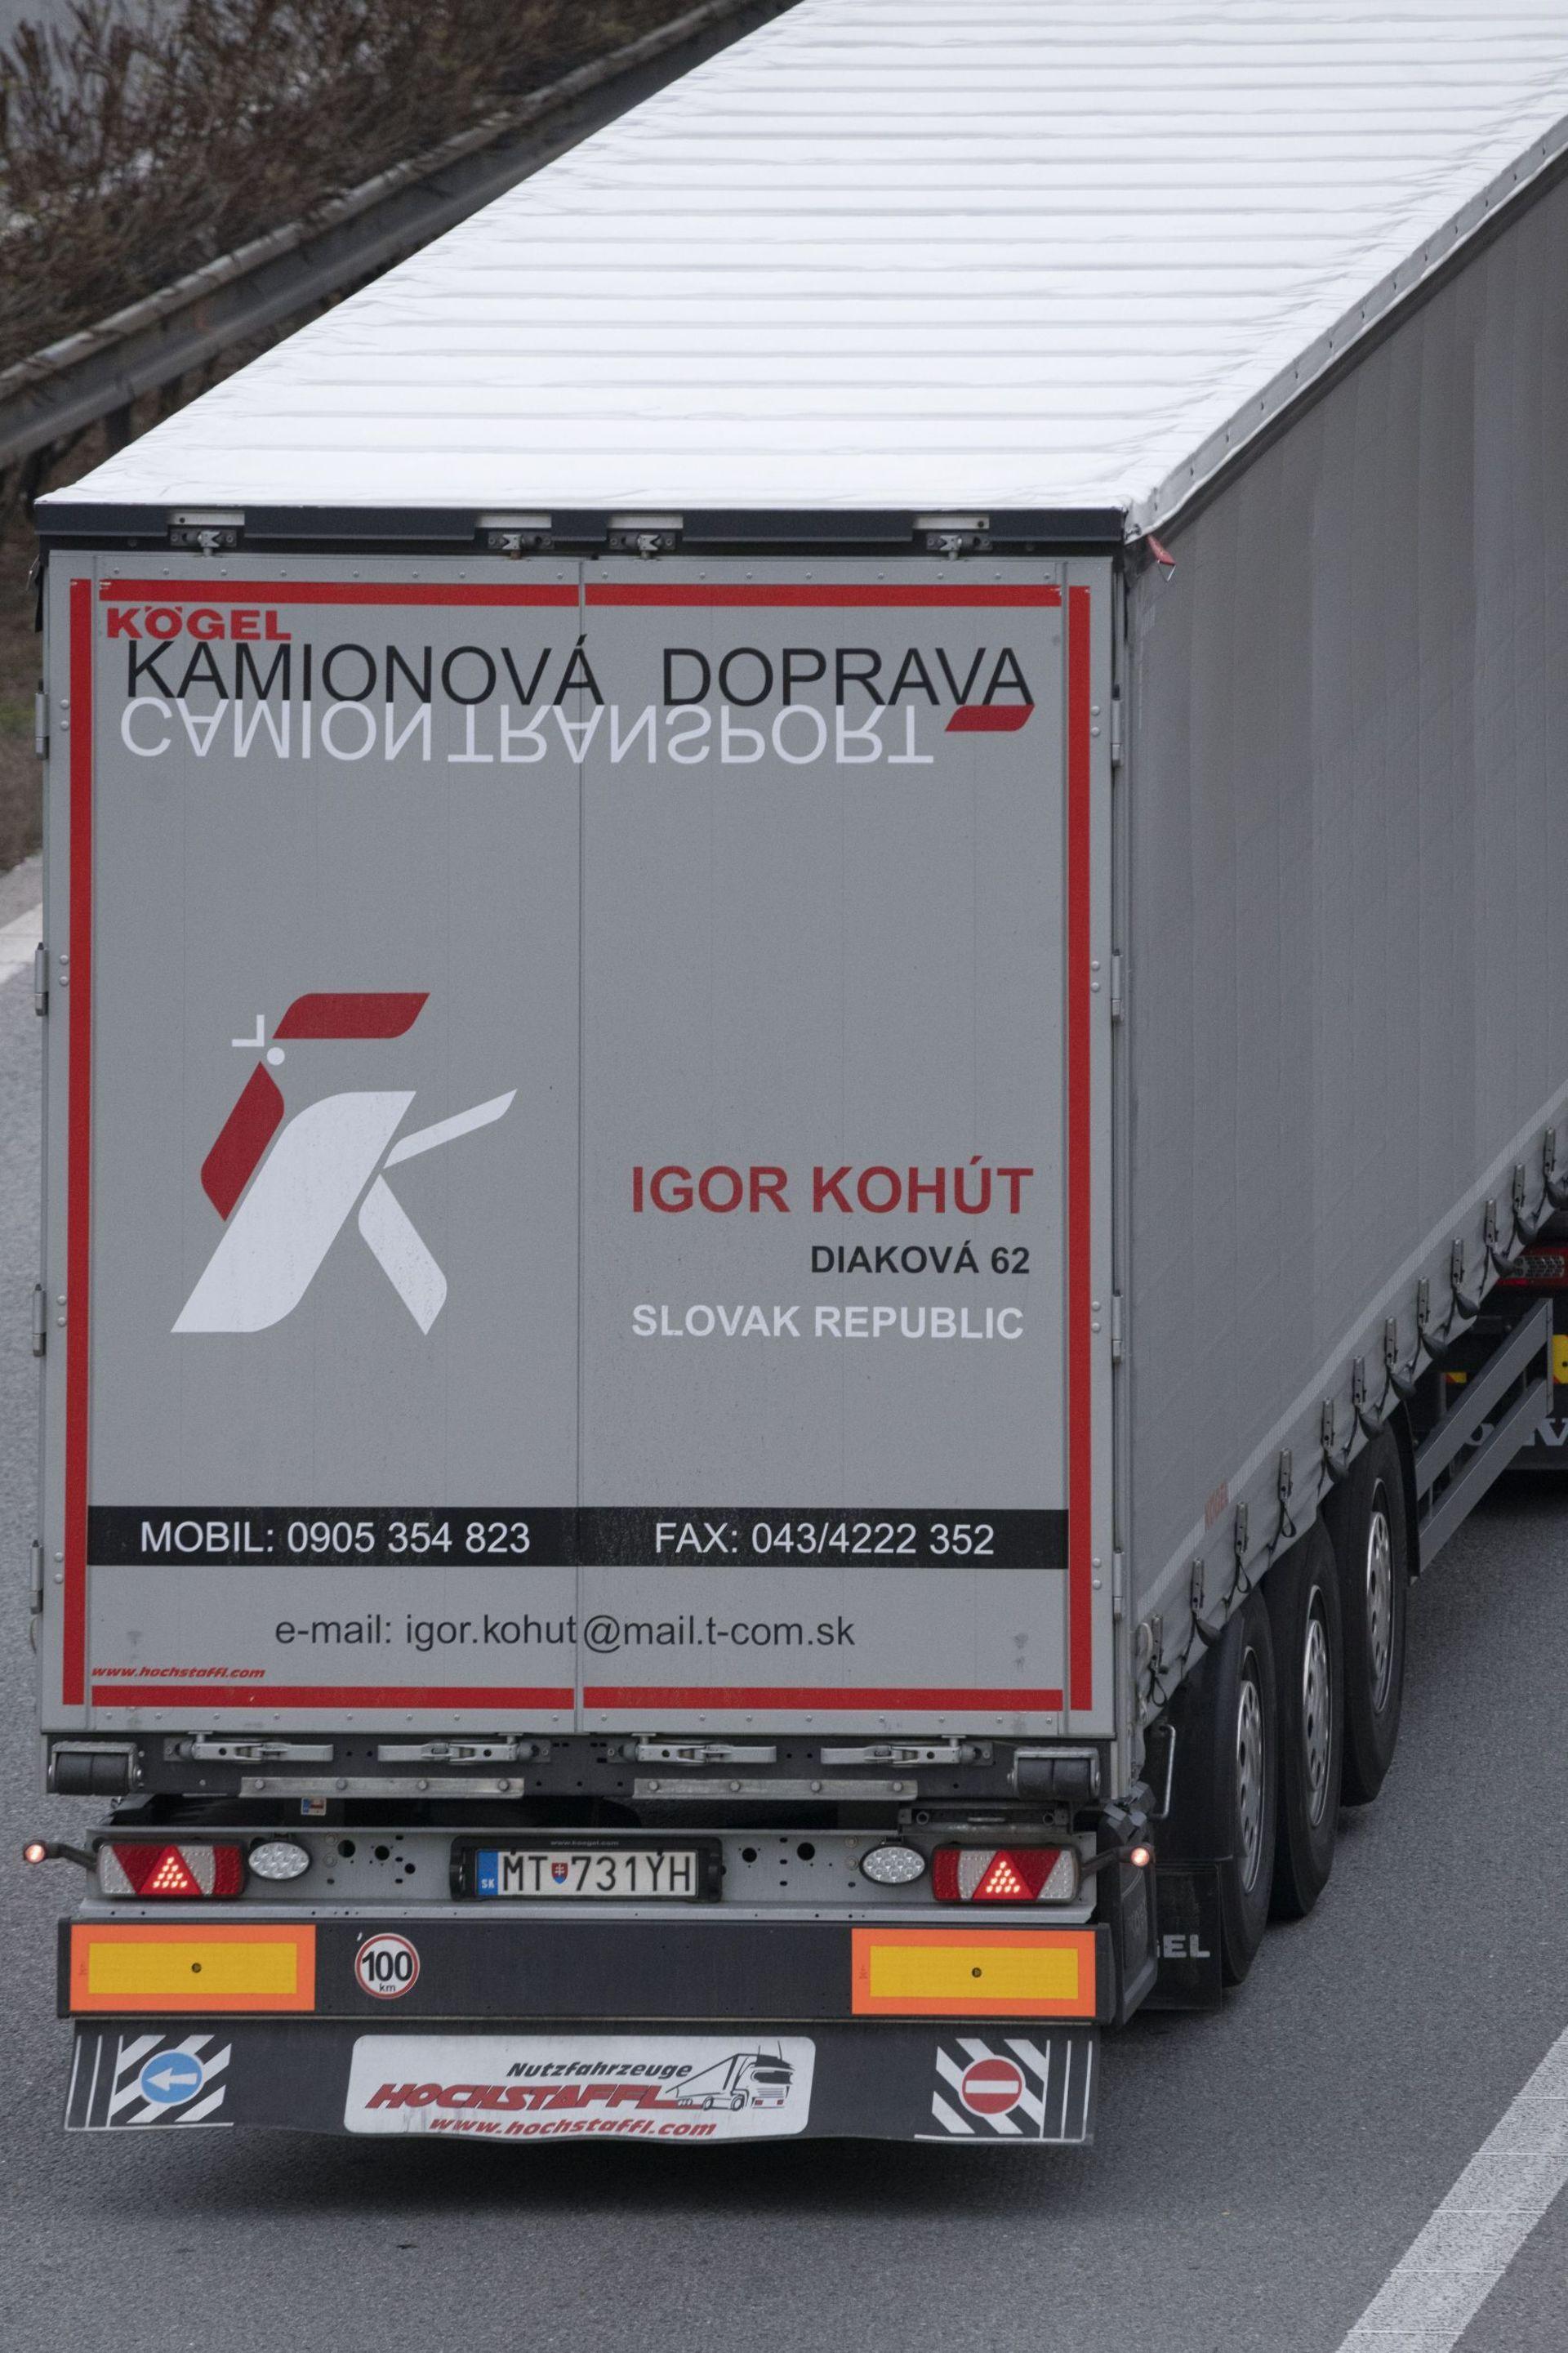 Truck_2b.jpg